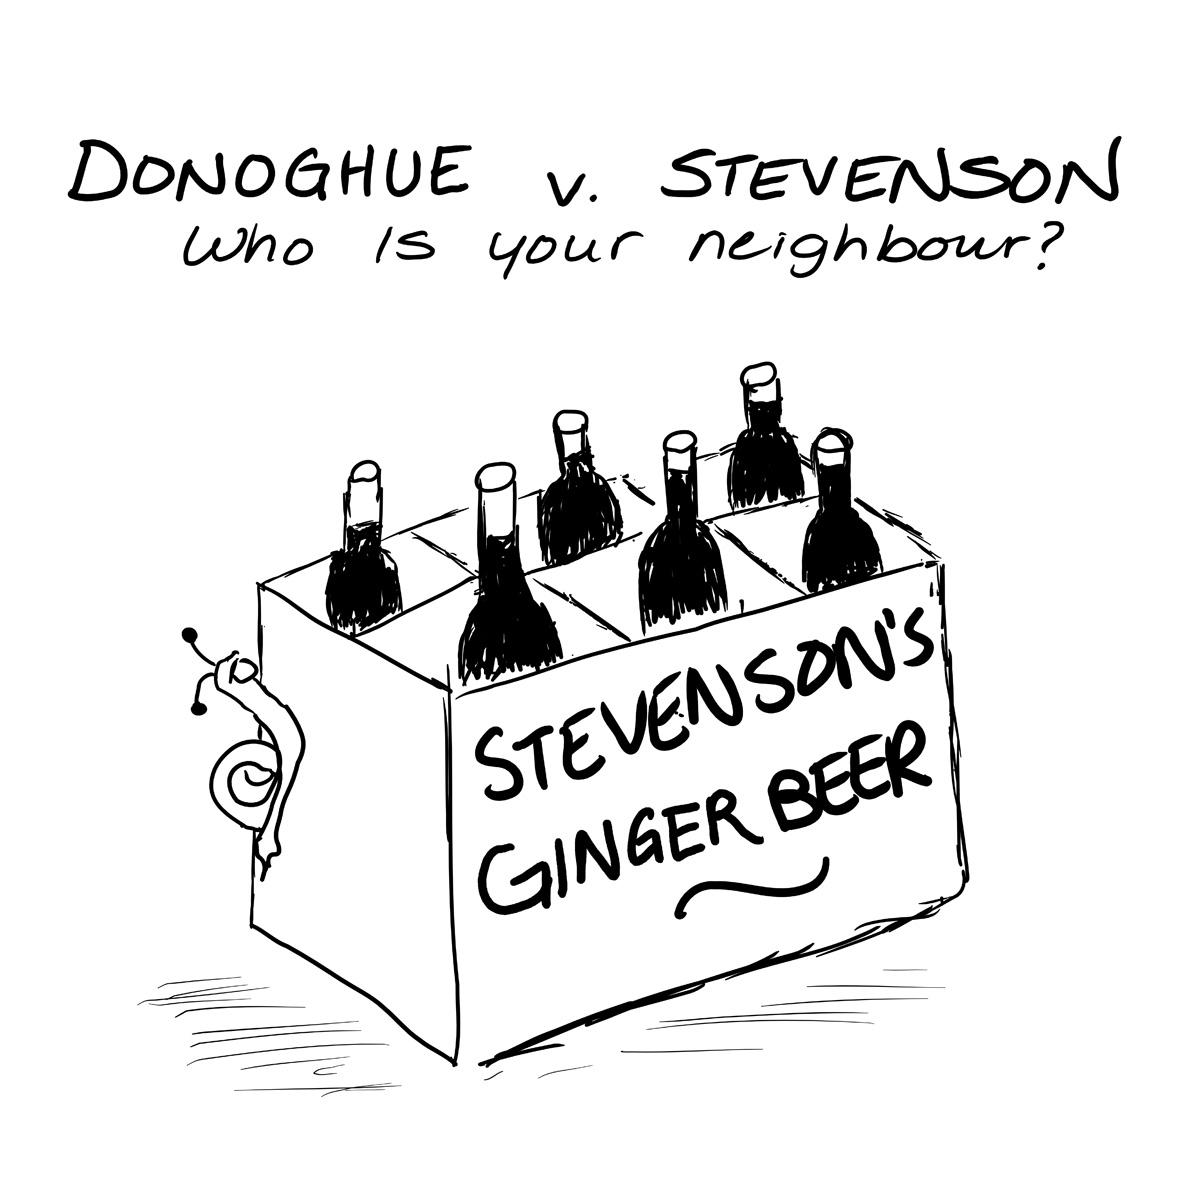 Donoghue v Ste